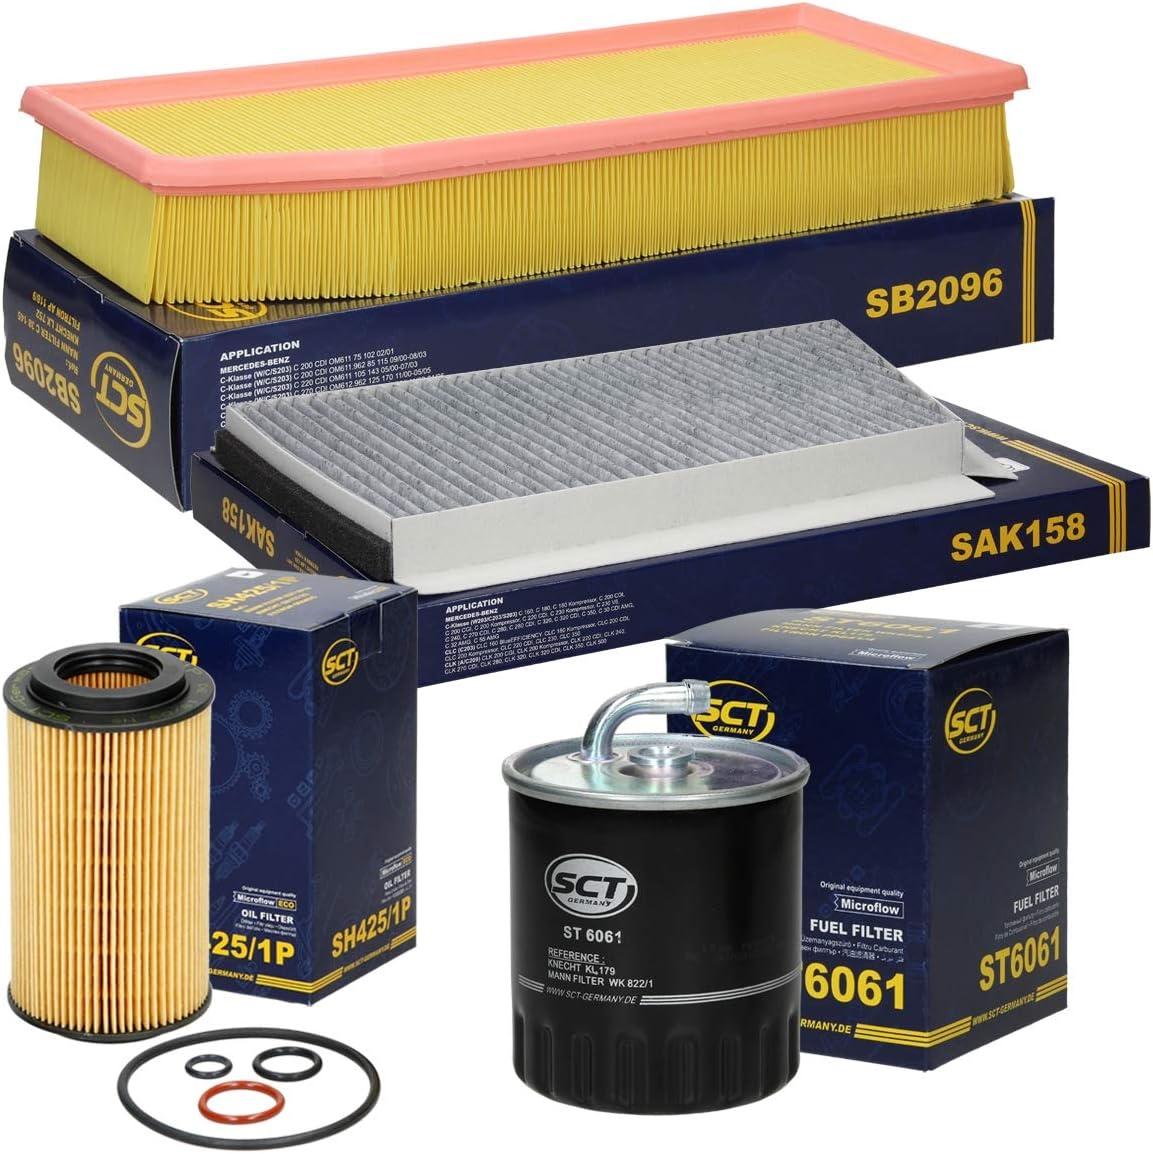 Inspektionspaket Wartungspaket Filterset 1 X Kraftstofffilter Dieselfilter 1 X Innenraumfilter Mit Aktivkohle 1 X Luftfilter 1 X Ölfilter Inkl Dichtungssatz Auto